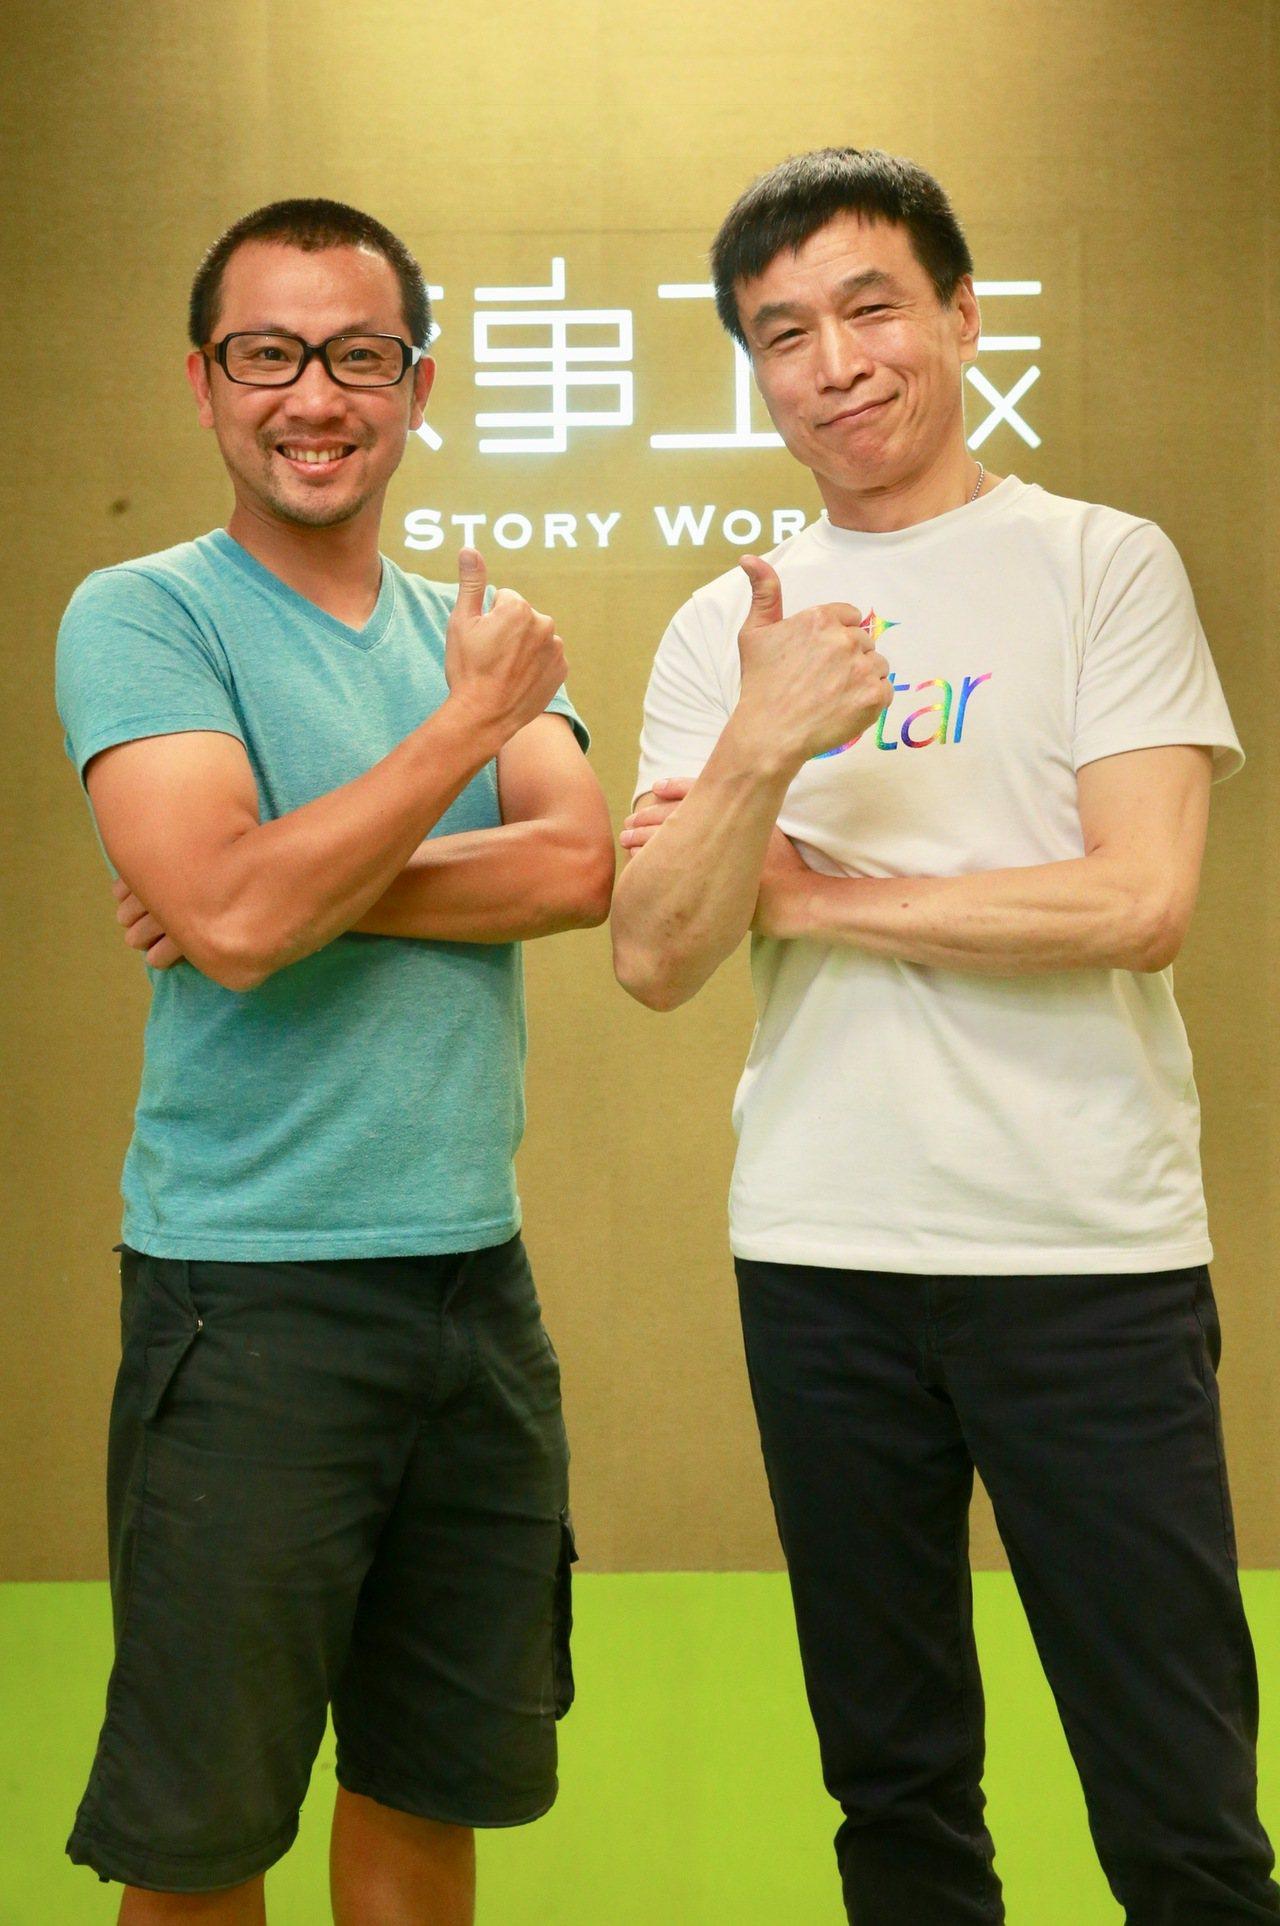 《小兒子》舞台劇9月7日起巡迴演出,演員李天柱(右)與編導黃致凱(左)談作品。...